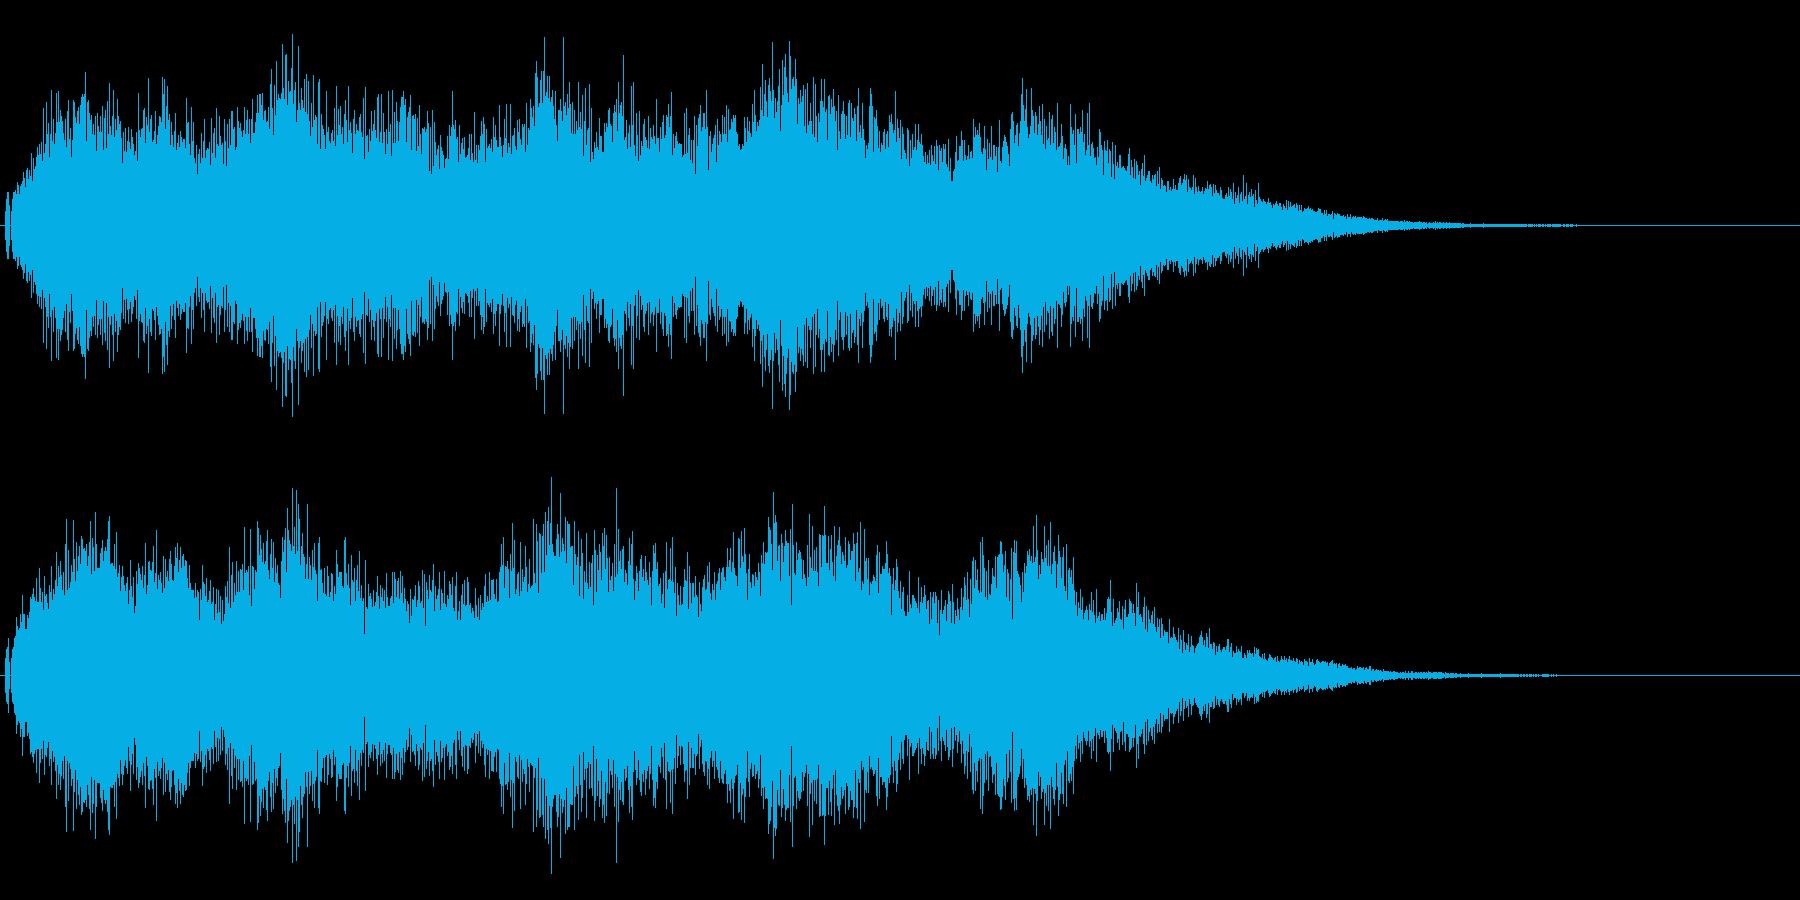 結婚式や教会の鐘の音として最適です!01の再生済みの波形